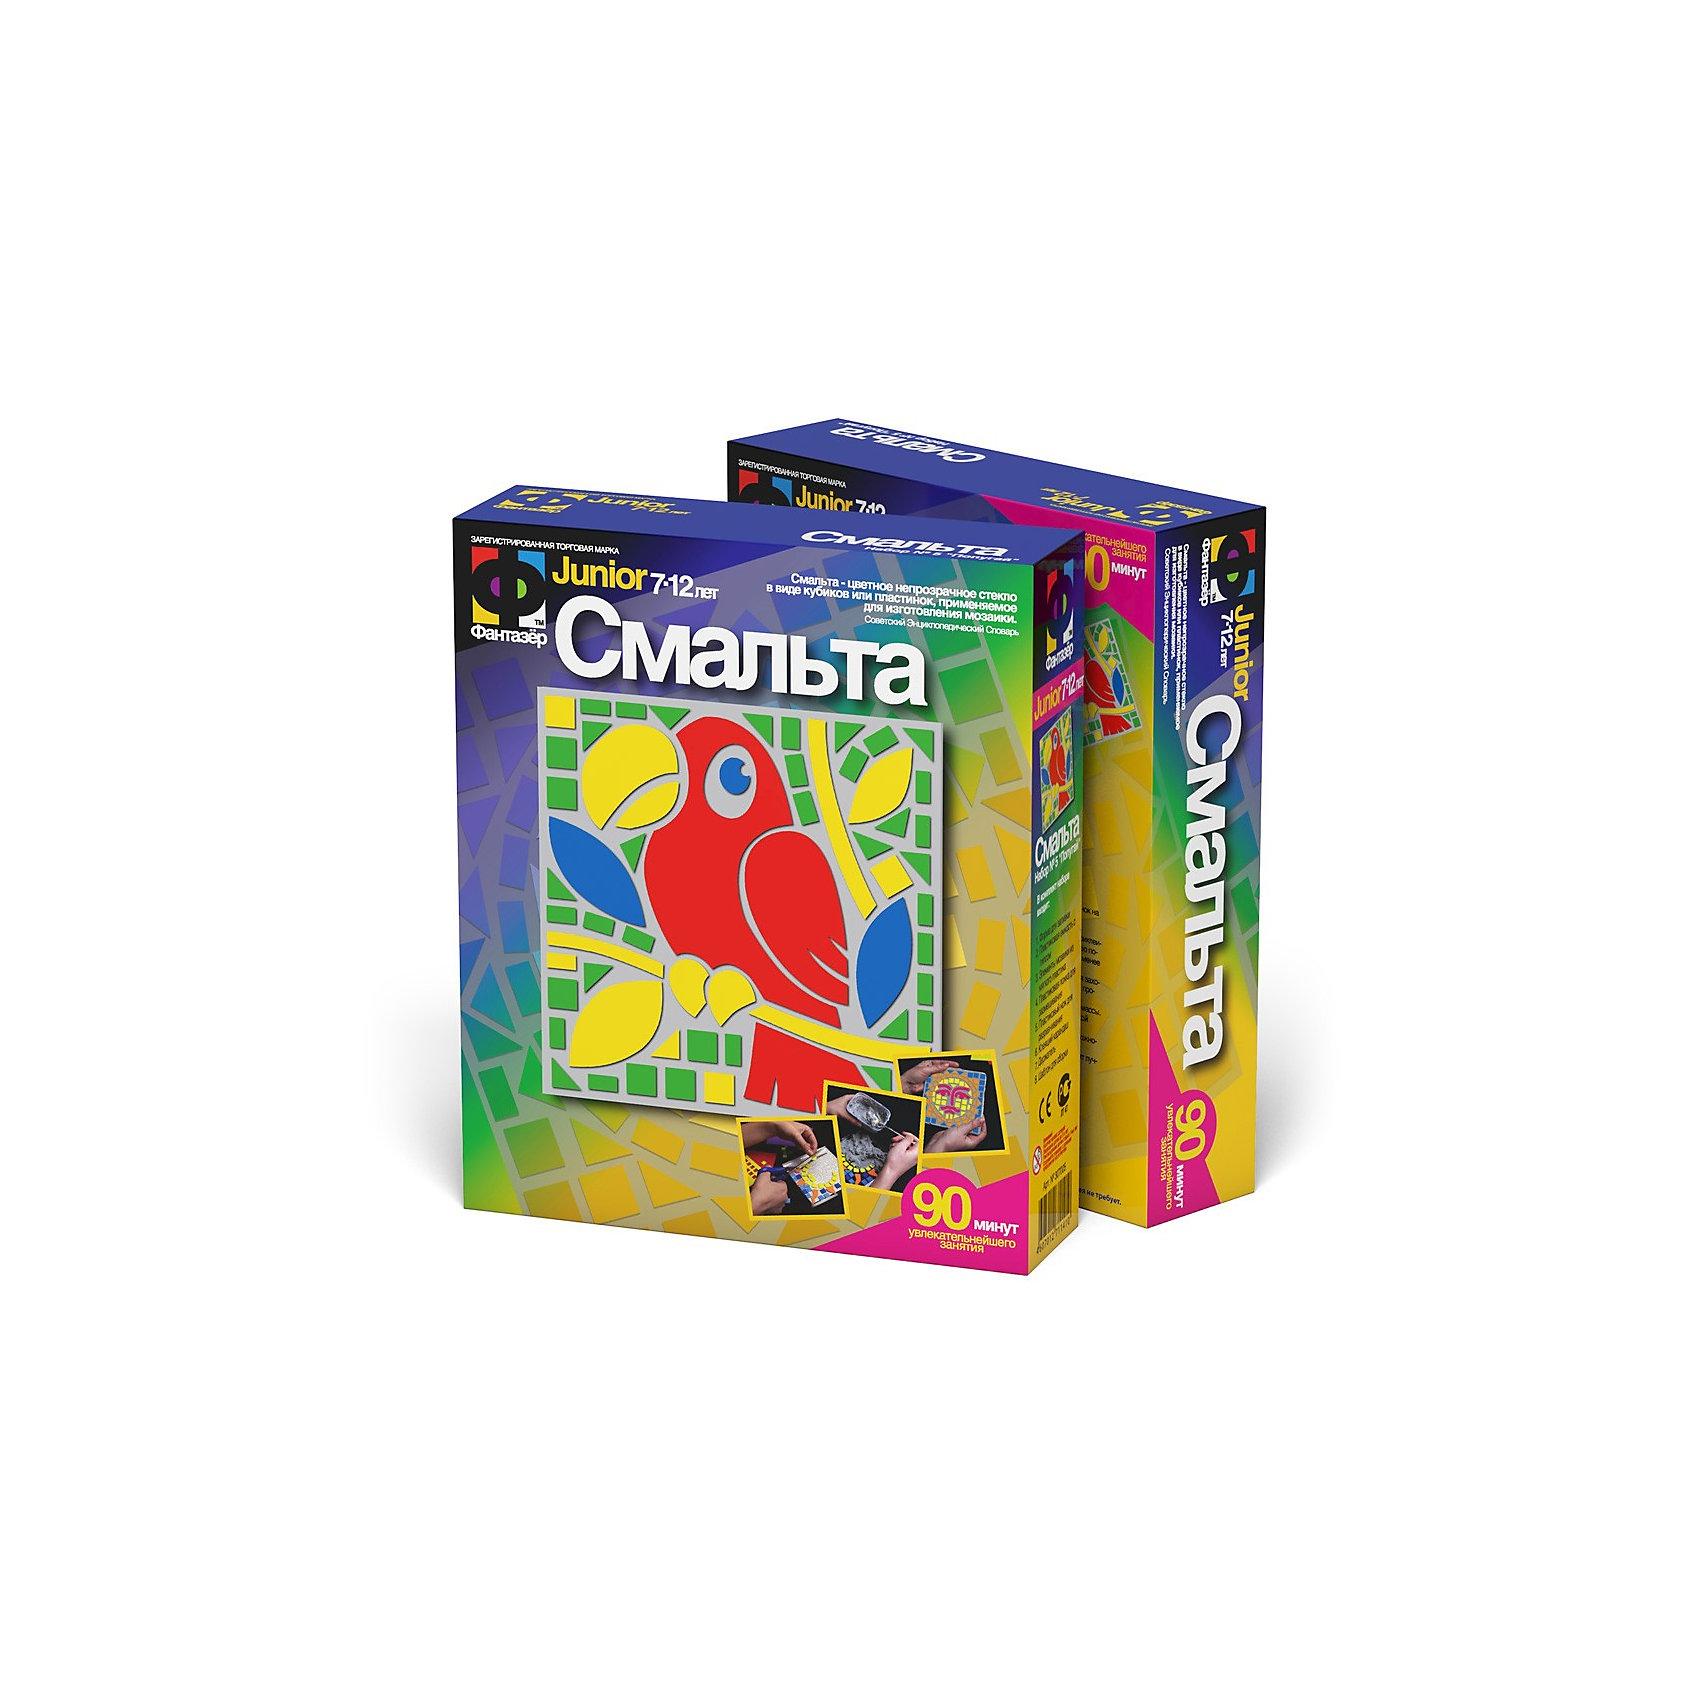 Попугай. Смальта. ФантазерДетские витражи<br>Попугай. Смальта. Фантазер <br>Смальта - цветное непрозрачное стекло в виде кубиков или пластинок, применяемое для изготовления мозайки. При помощи специальных форм, гипса и особых мозаичных элементов, выполненных из так называемого мягкого пластика, Вы сможете легко создать вместе со своим ребенком шедевр, который будете с гордостью показывать друзьям! В набор входит: гипс, формочка, формы из мягкого полимера<br><br>Ширина мм: 50<br>Глубина мм: 185<br>Высота мм: 220<br>Вес г: 400<br>Возраст от месяцев: 60<br>Возраст до месяцев: 96<br>Пол: Унисекс<br>Возраст: Детский<br>SKU: 3332431